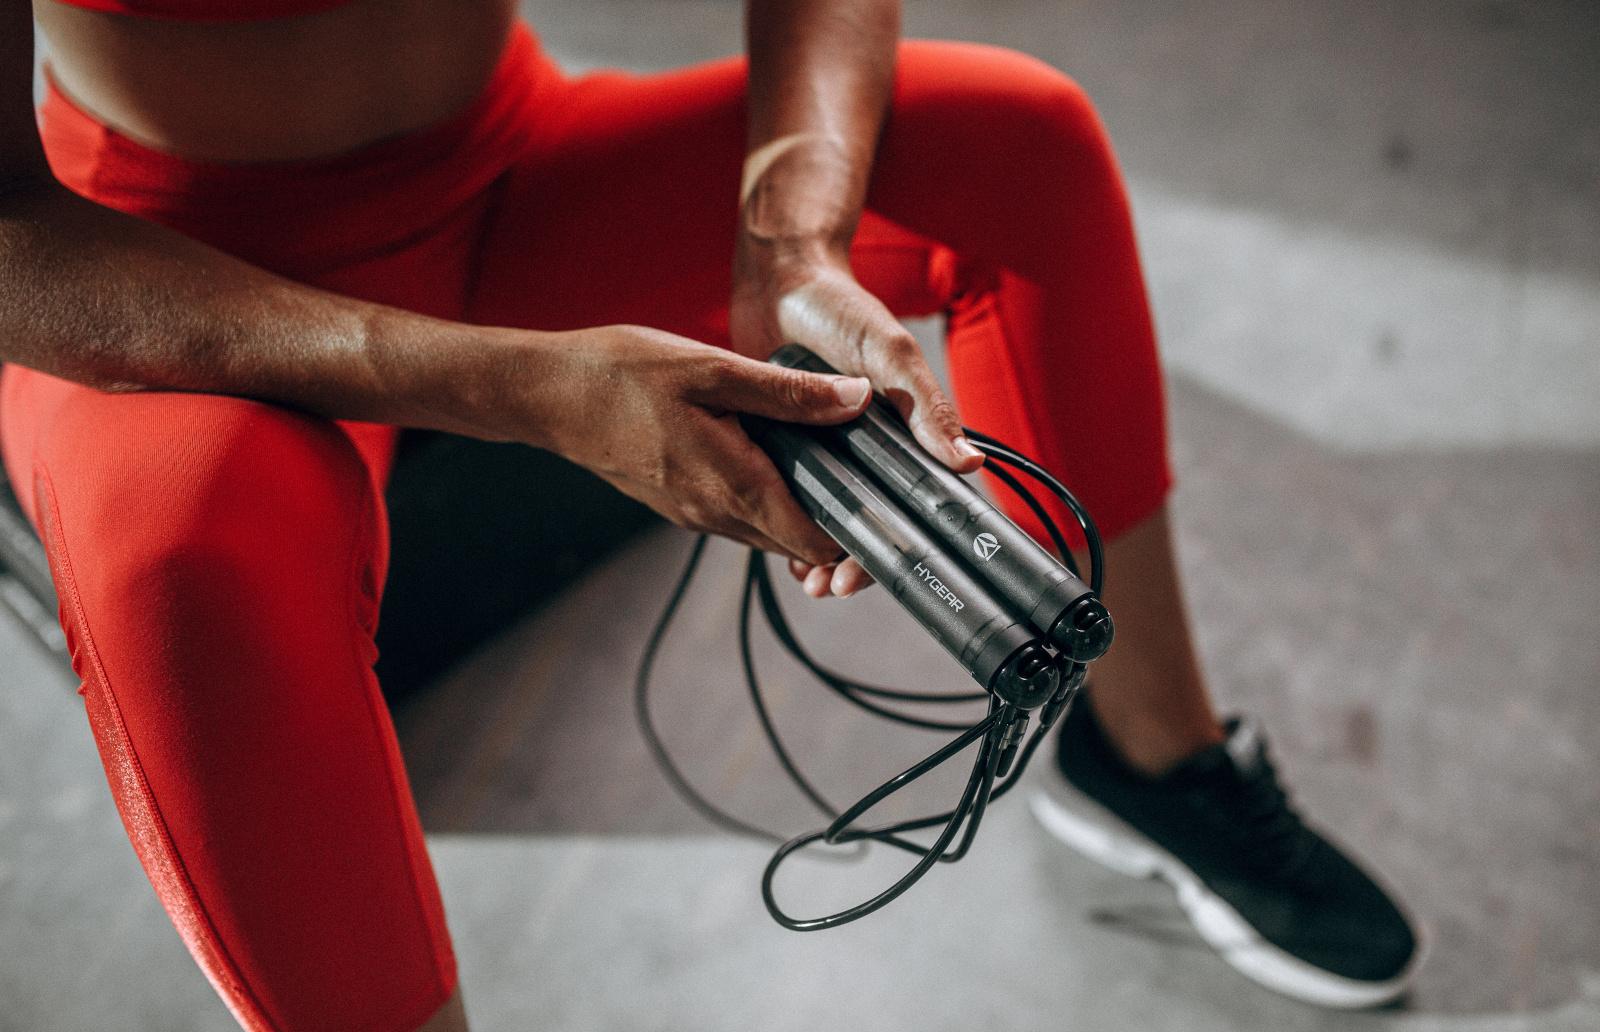 Hyrope, antrenmanınızı takip etmek için bir uygulamayla eşleşen akıllı bir atlama ipidir | Engadget